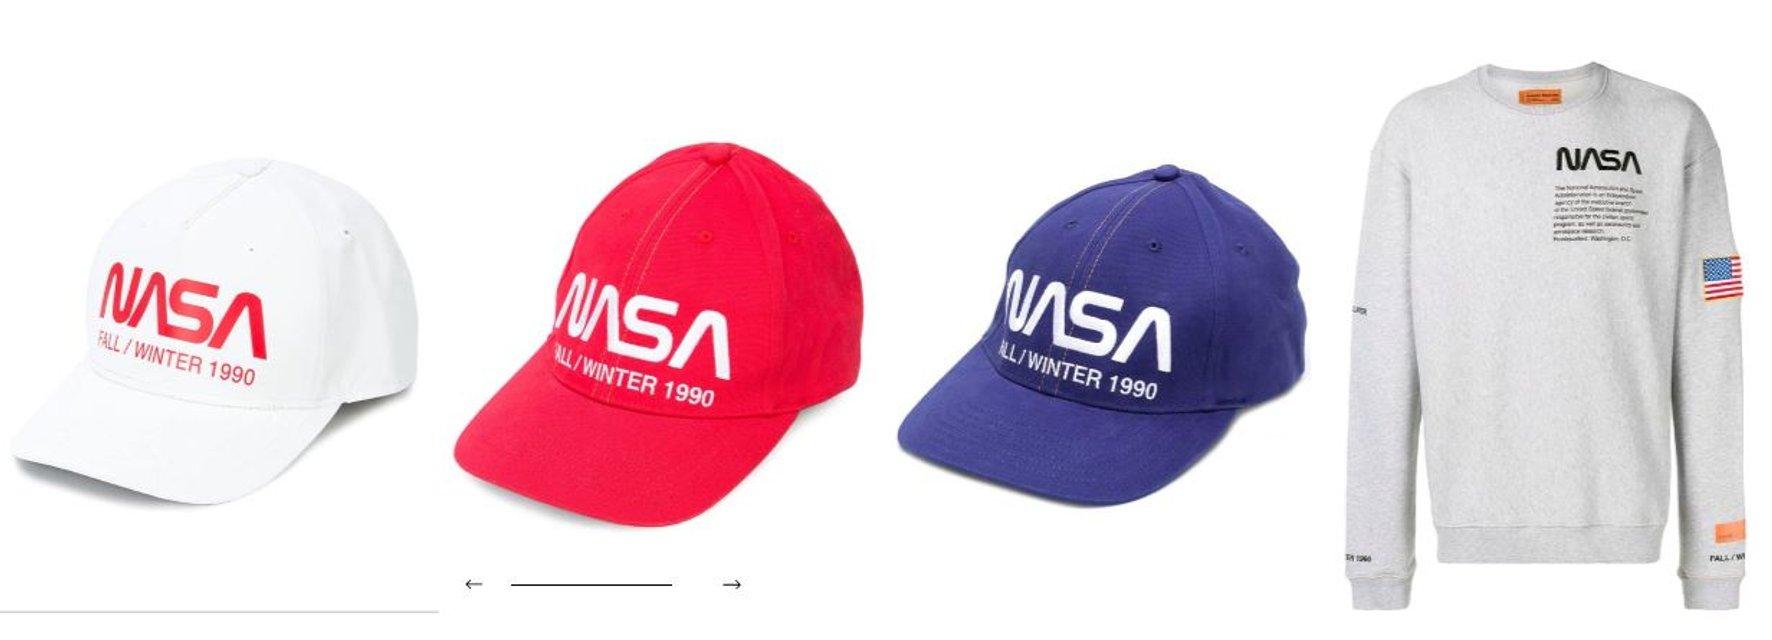 Nasa выпустили коллекцию одежды (фото) - фото 139610